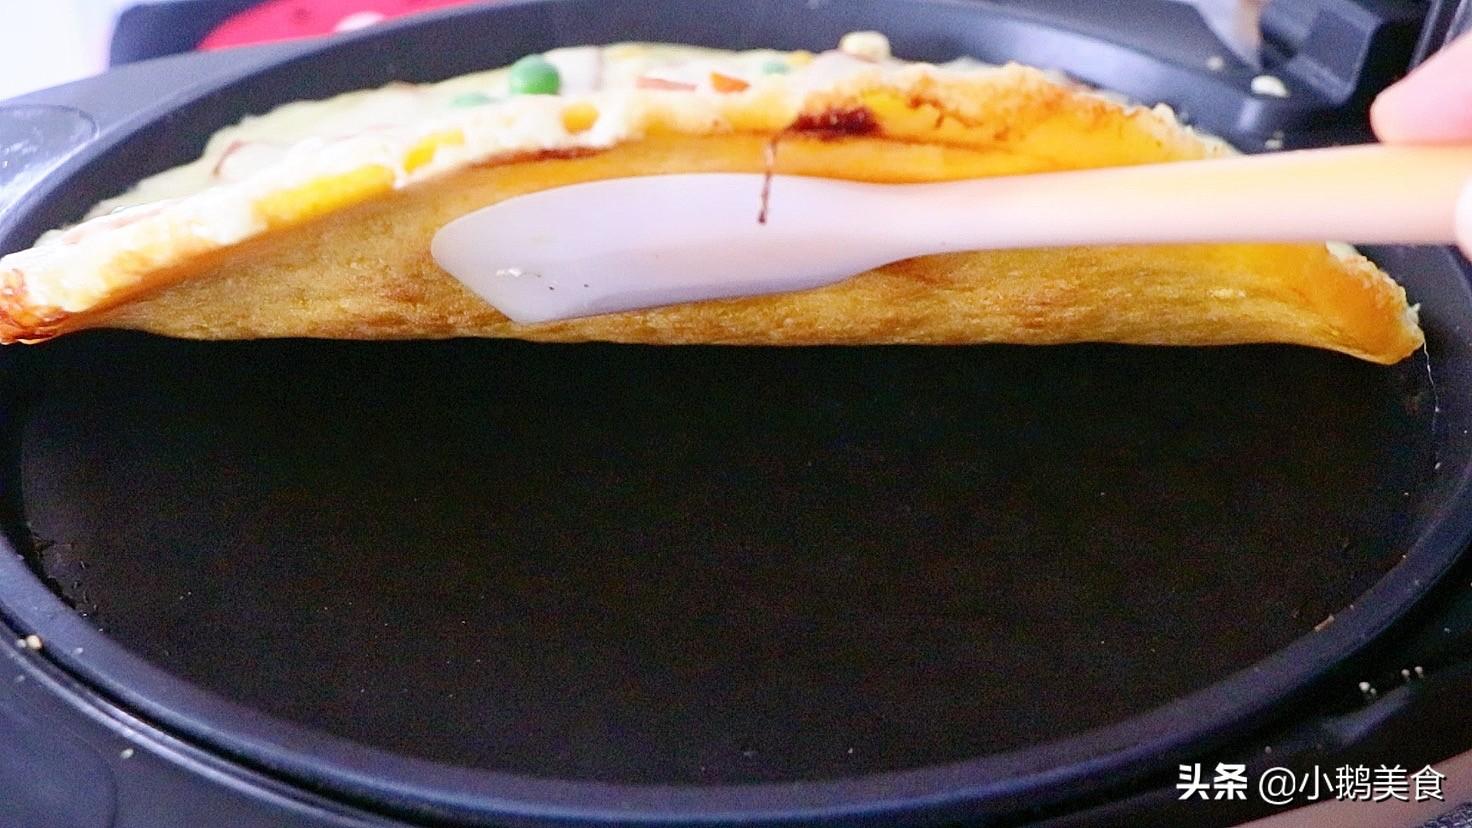 10分鐘懶人披薩,不和麵不發麵,純玉米麵製作,比必勝客的還好吃